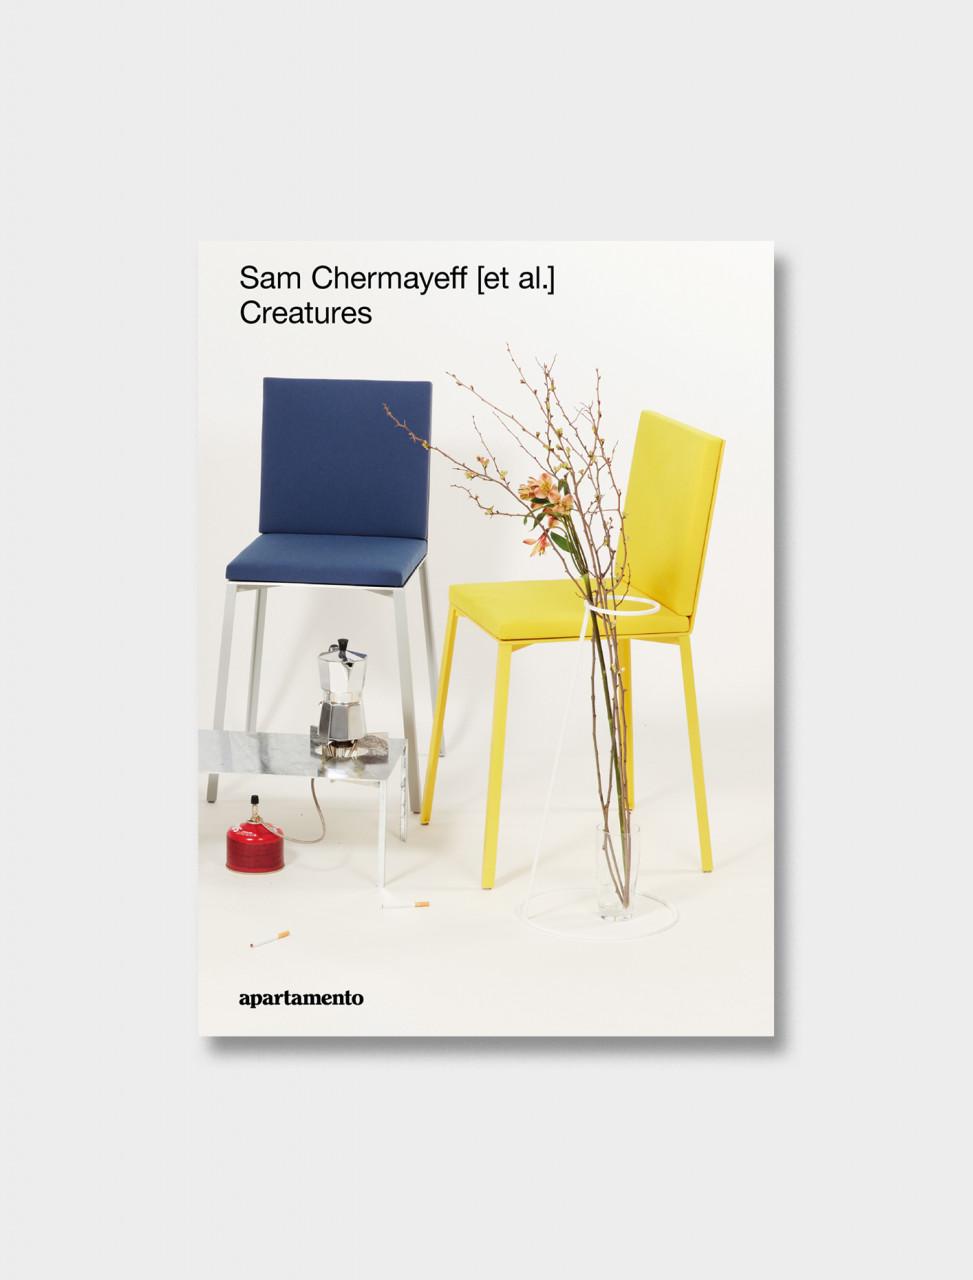 Creatures - Sam Chermayeff [et al.]